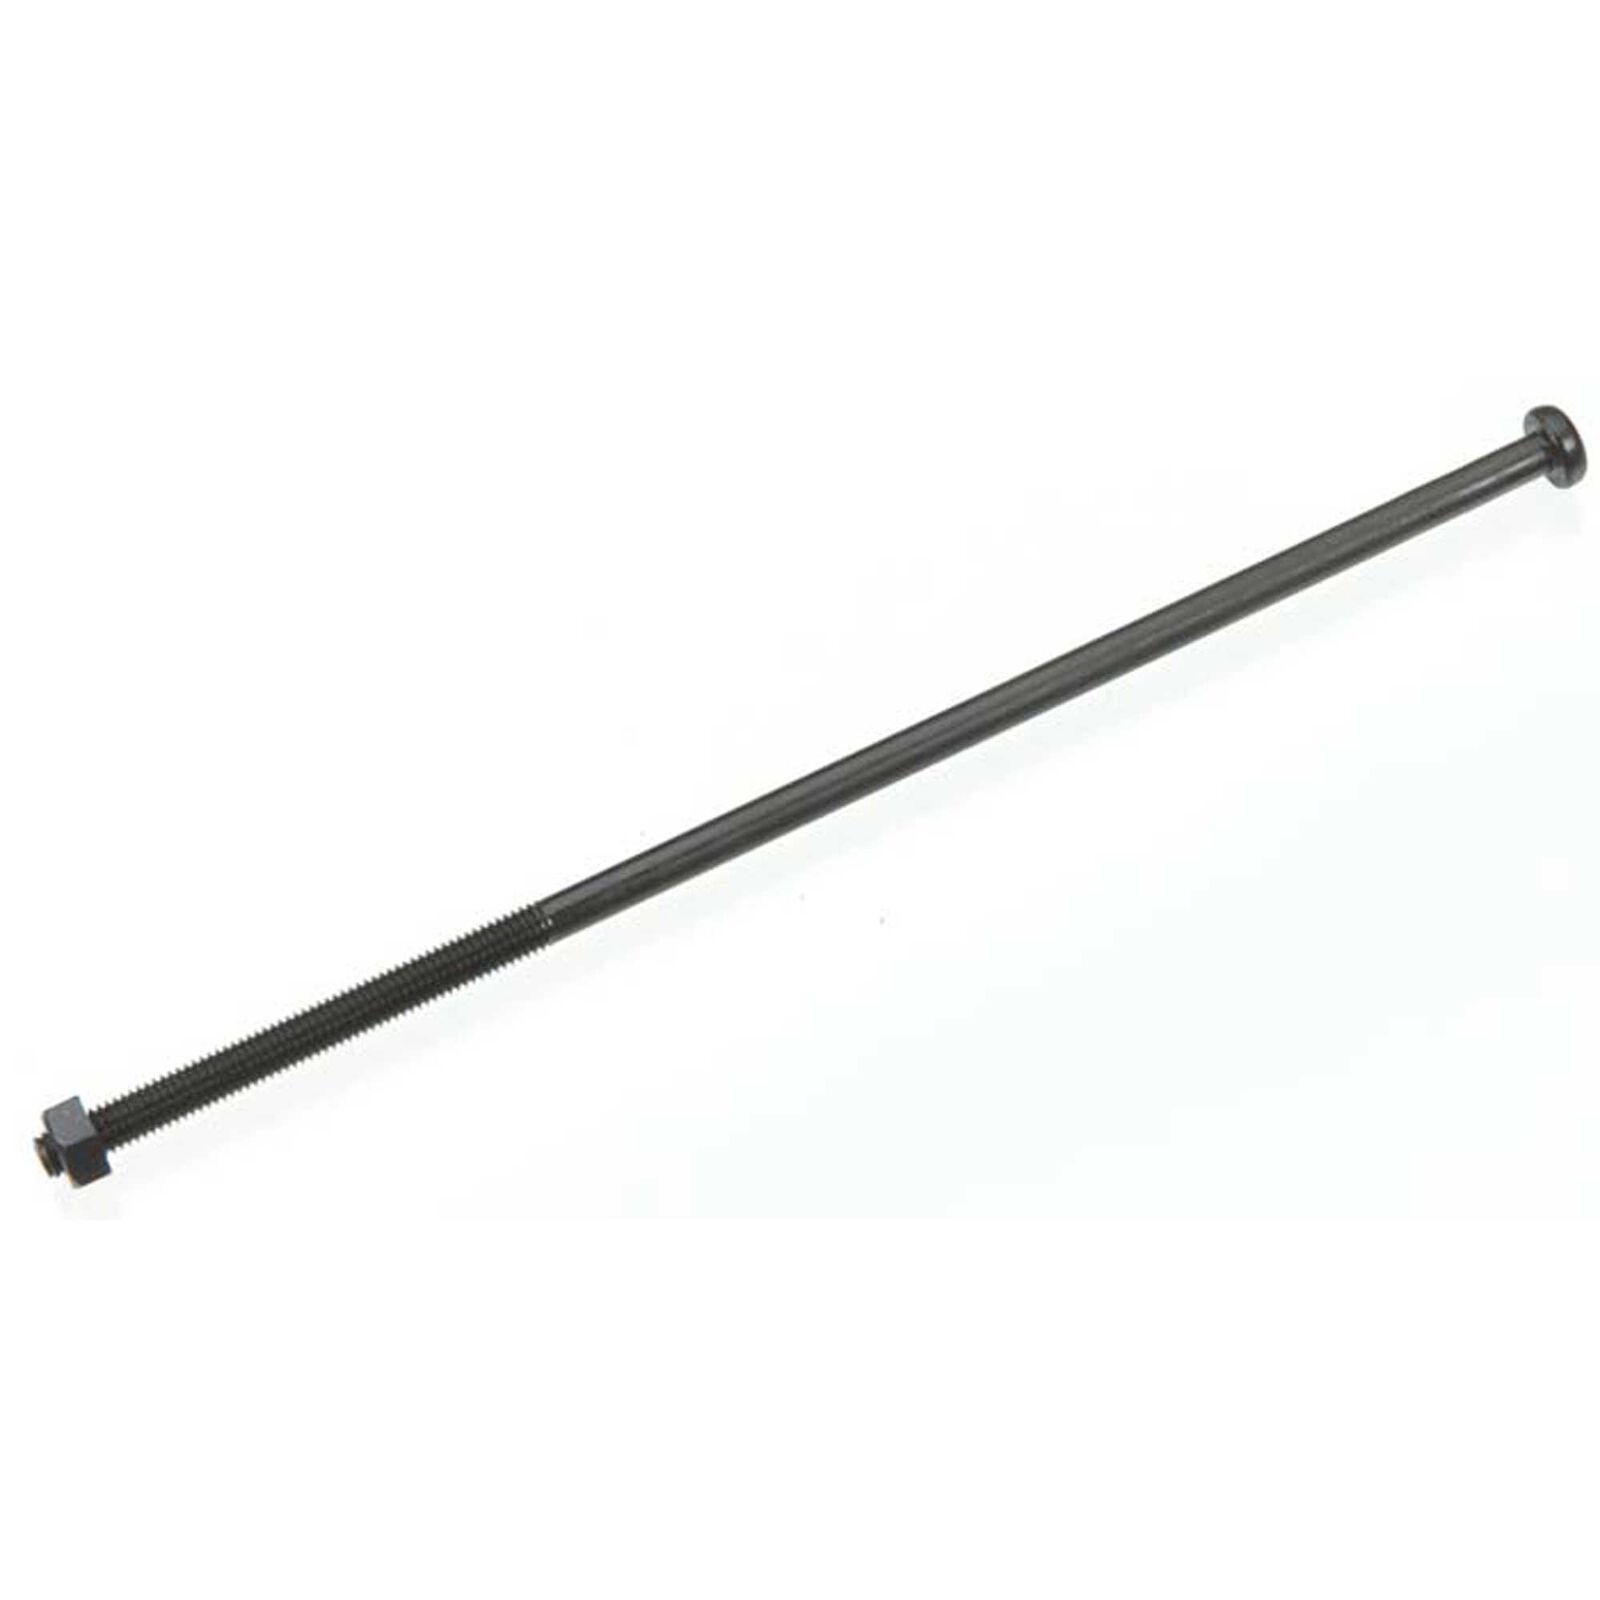 Muffler Assembly Screw: 65AX